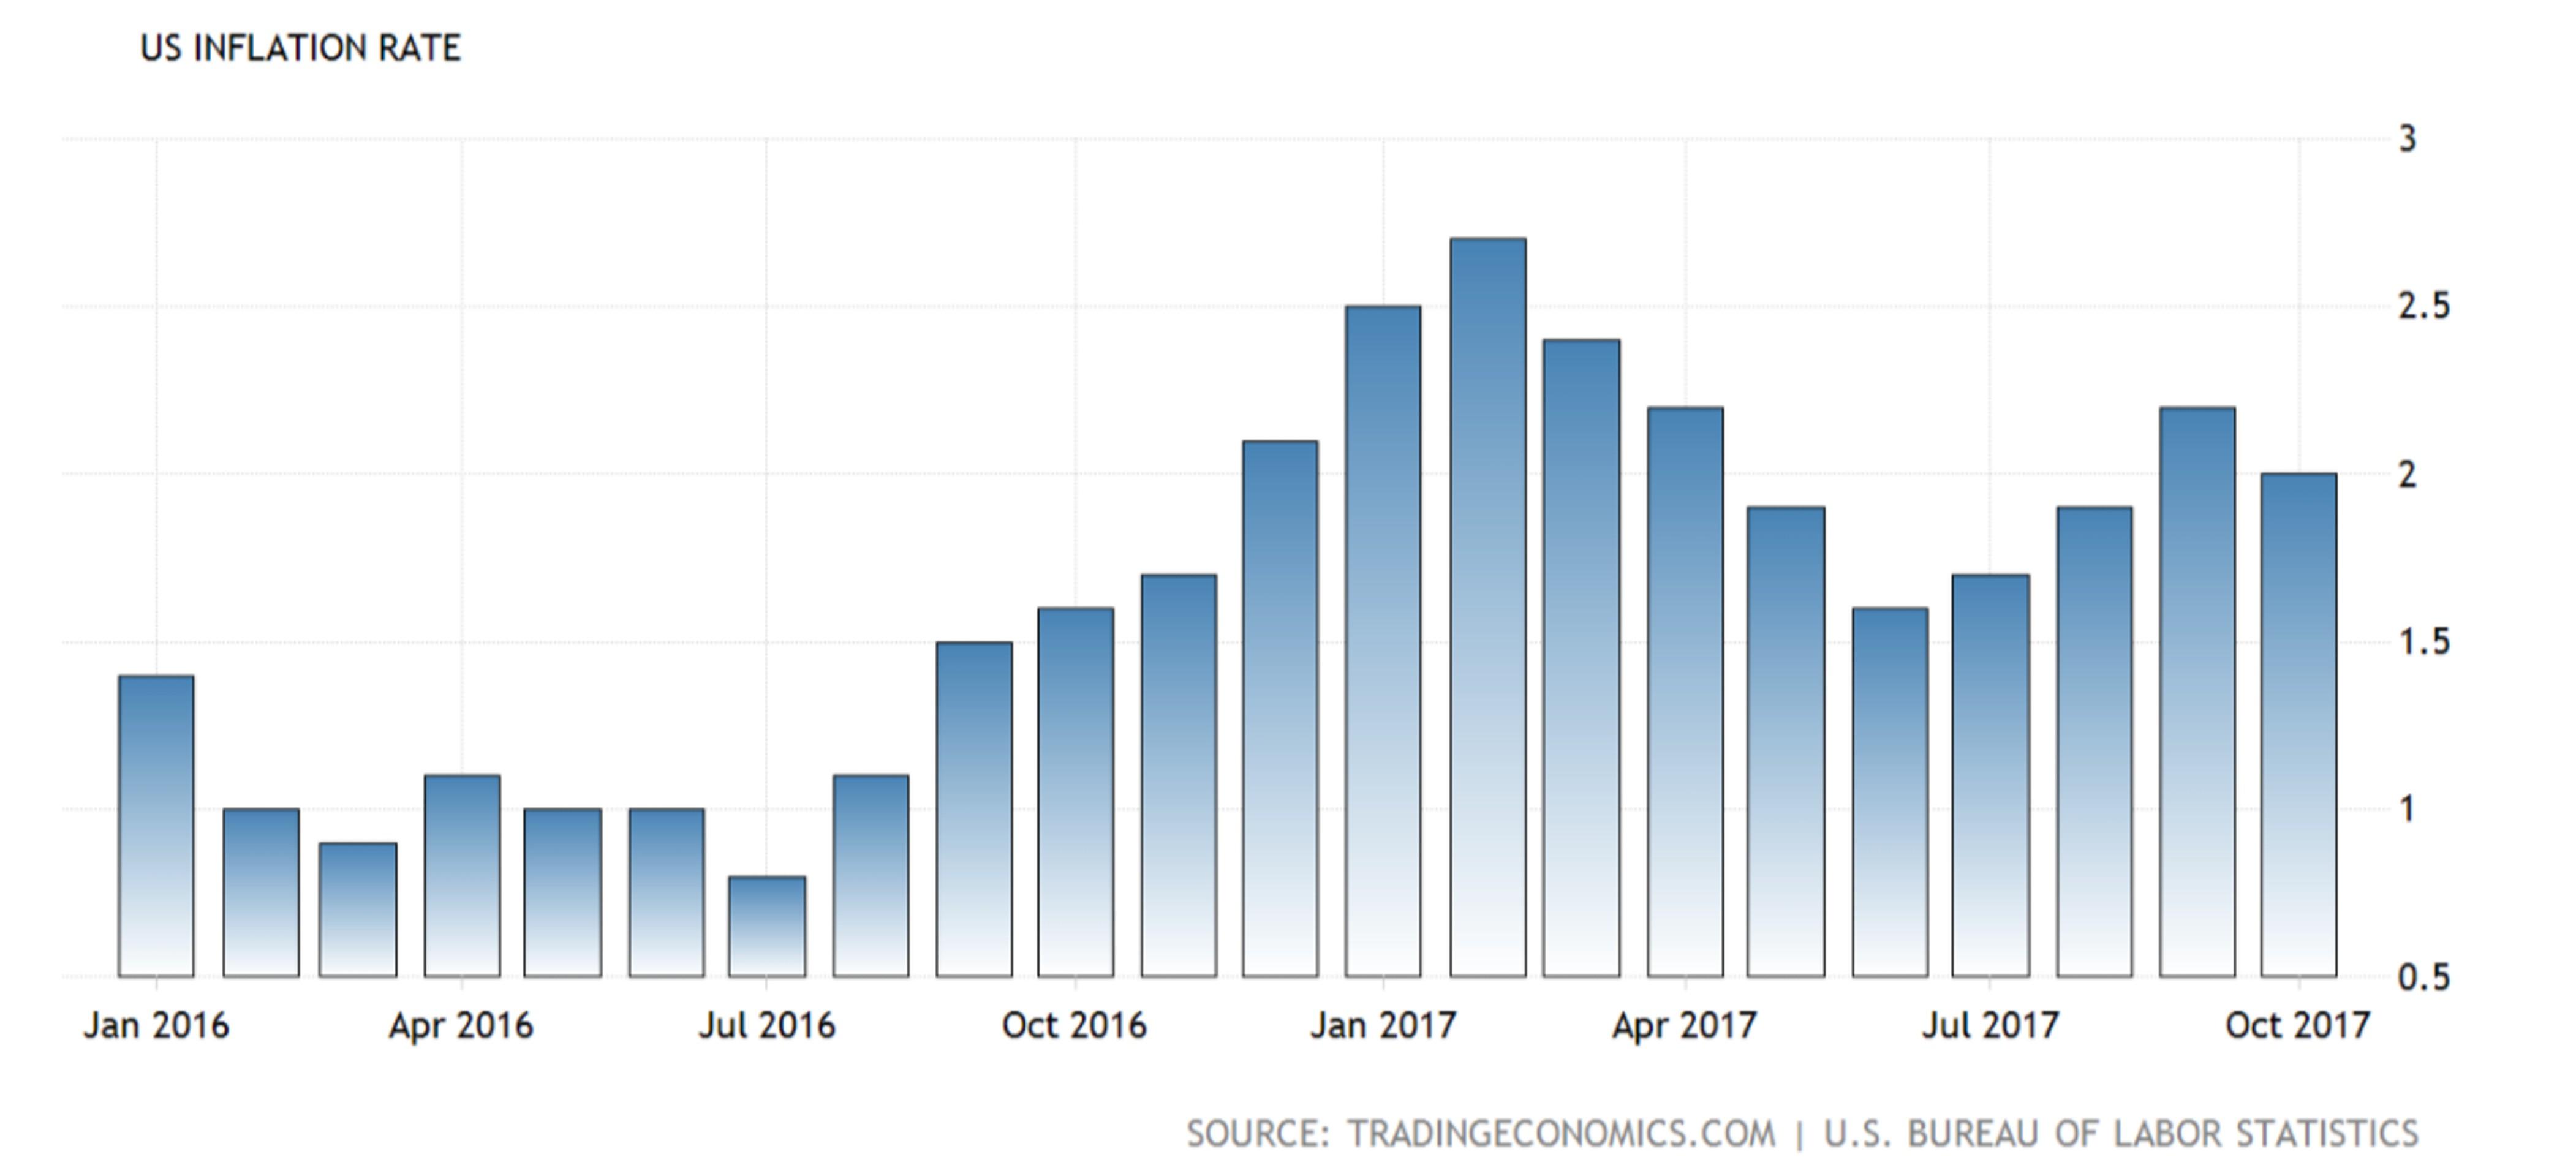 ФРС повысит ставку. Но что будет в 2018 году?